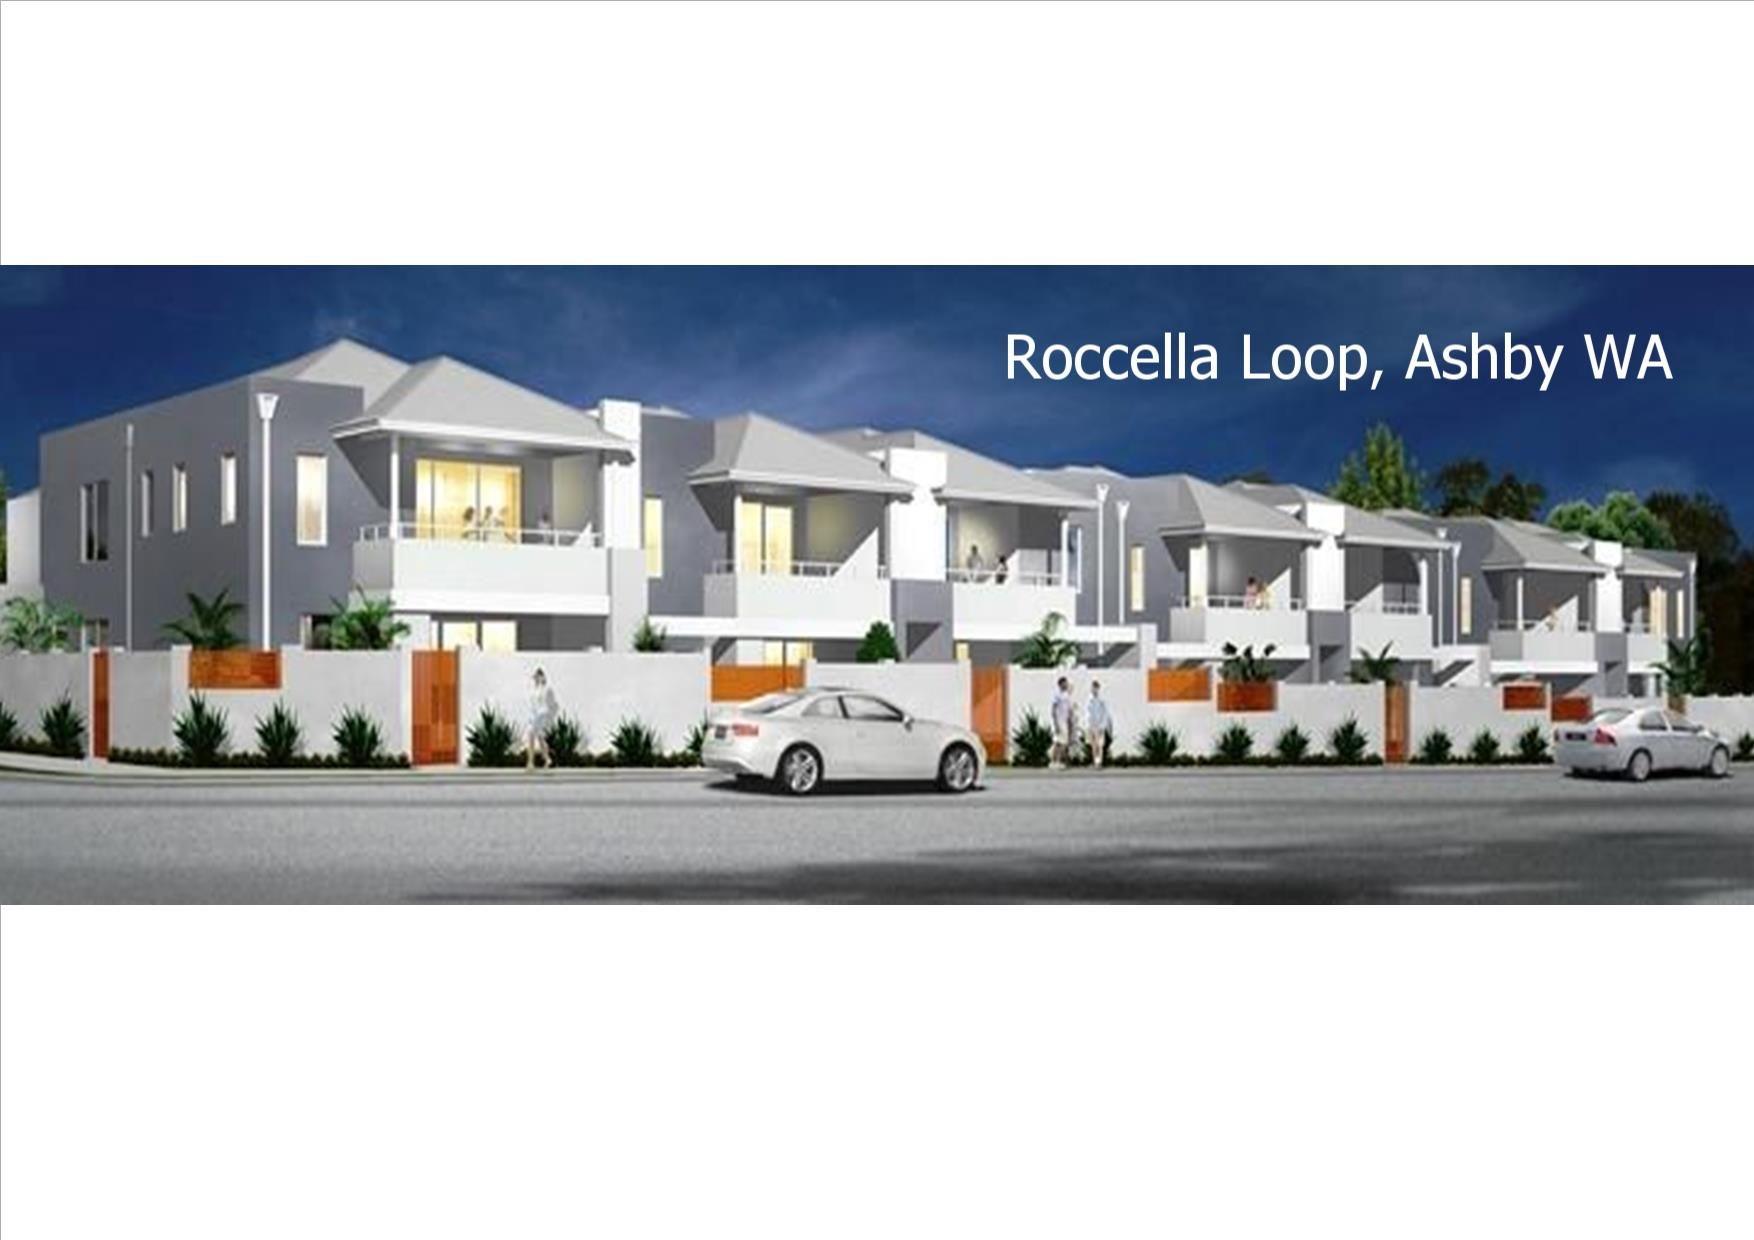 22 Roccella Loop Website Photo.jpg